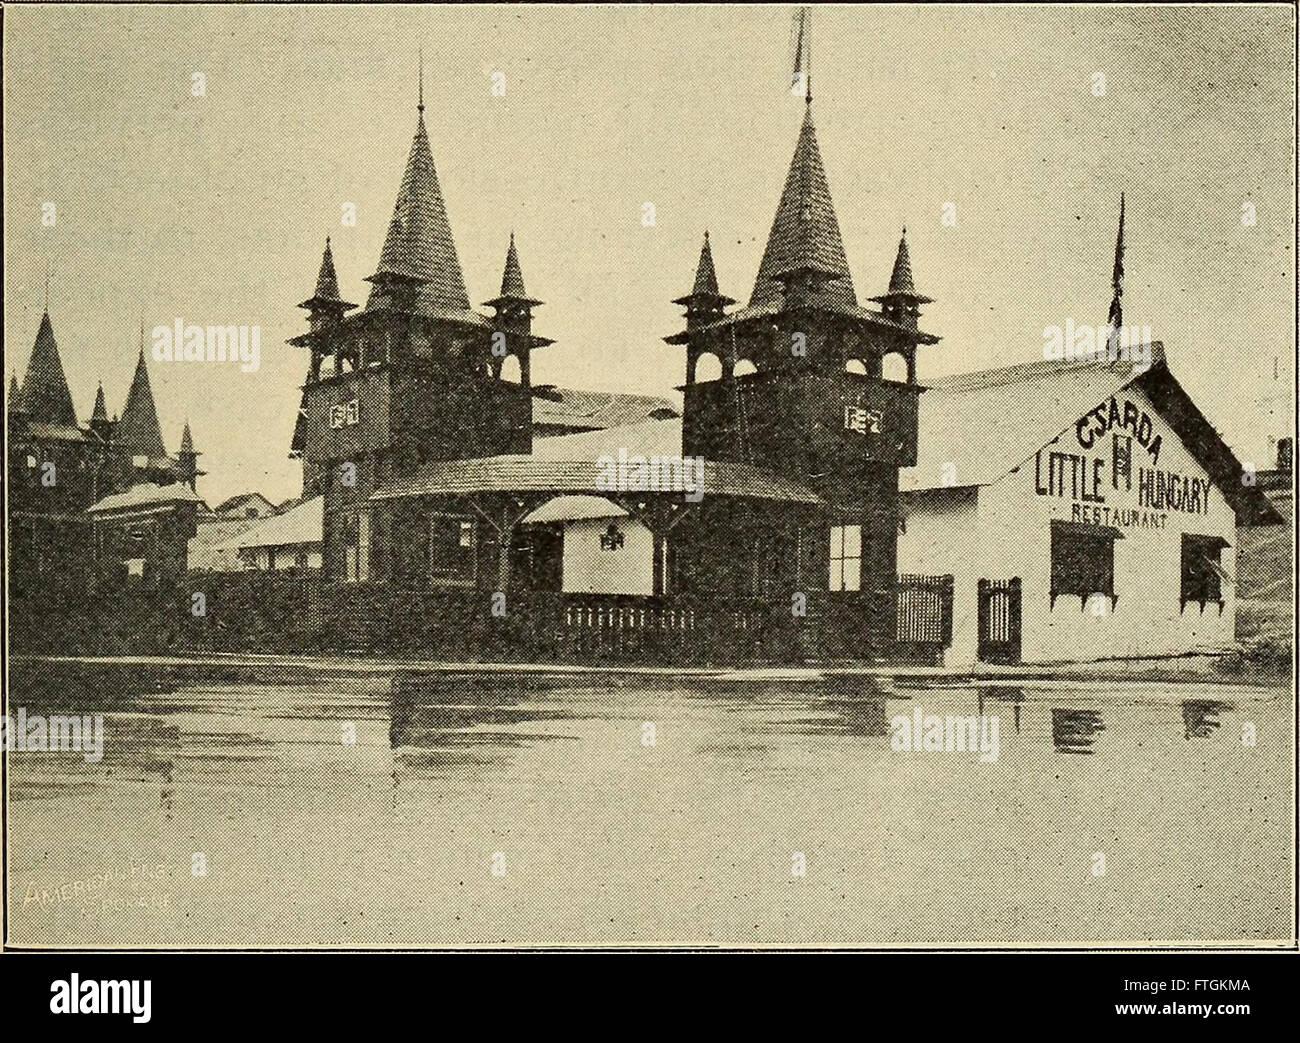 Offizieller Guide für die Lewis und Clark centennial Exposition, Portland, Oregon, 1 Juni, 15. Oktober 1905 (1905) Stockfoto